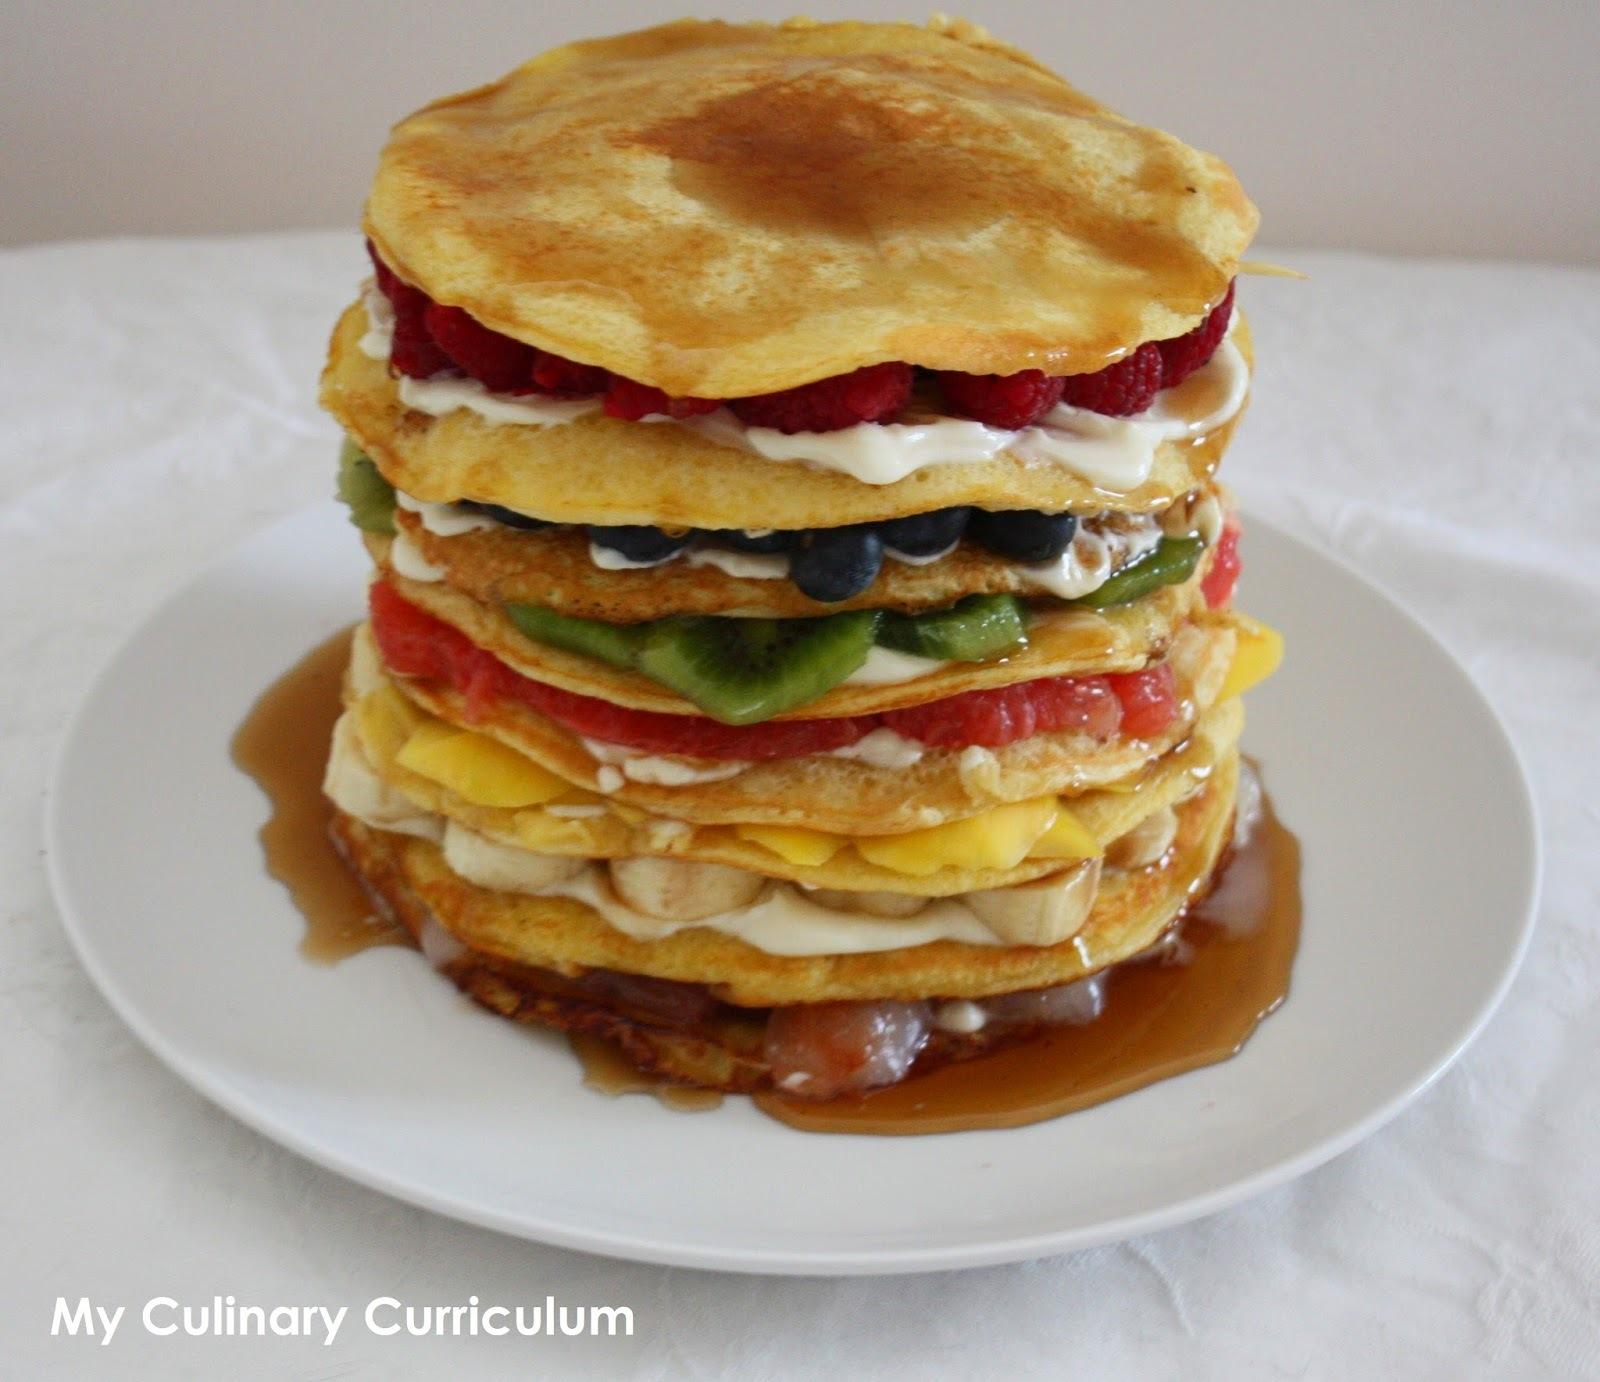 Gâteau de pancakes arc en ciel aux fruits (Fruits rainbow pancakes cake)